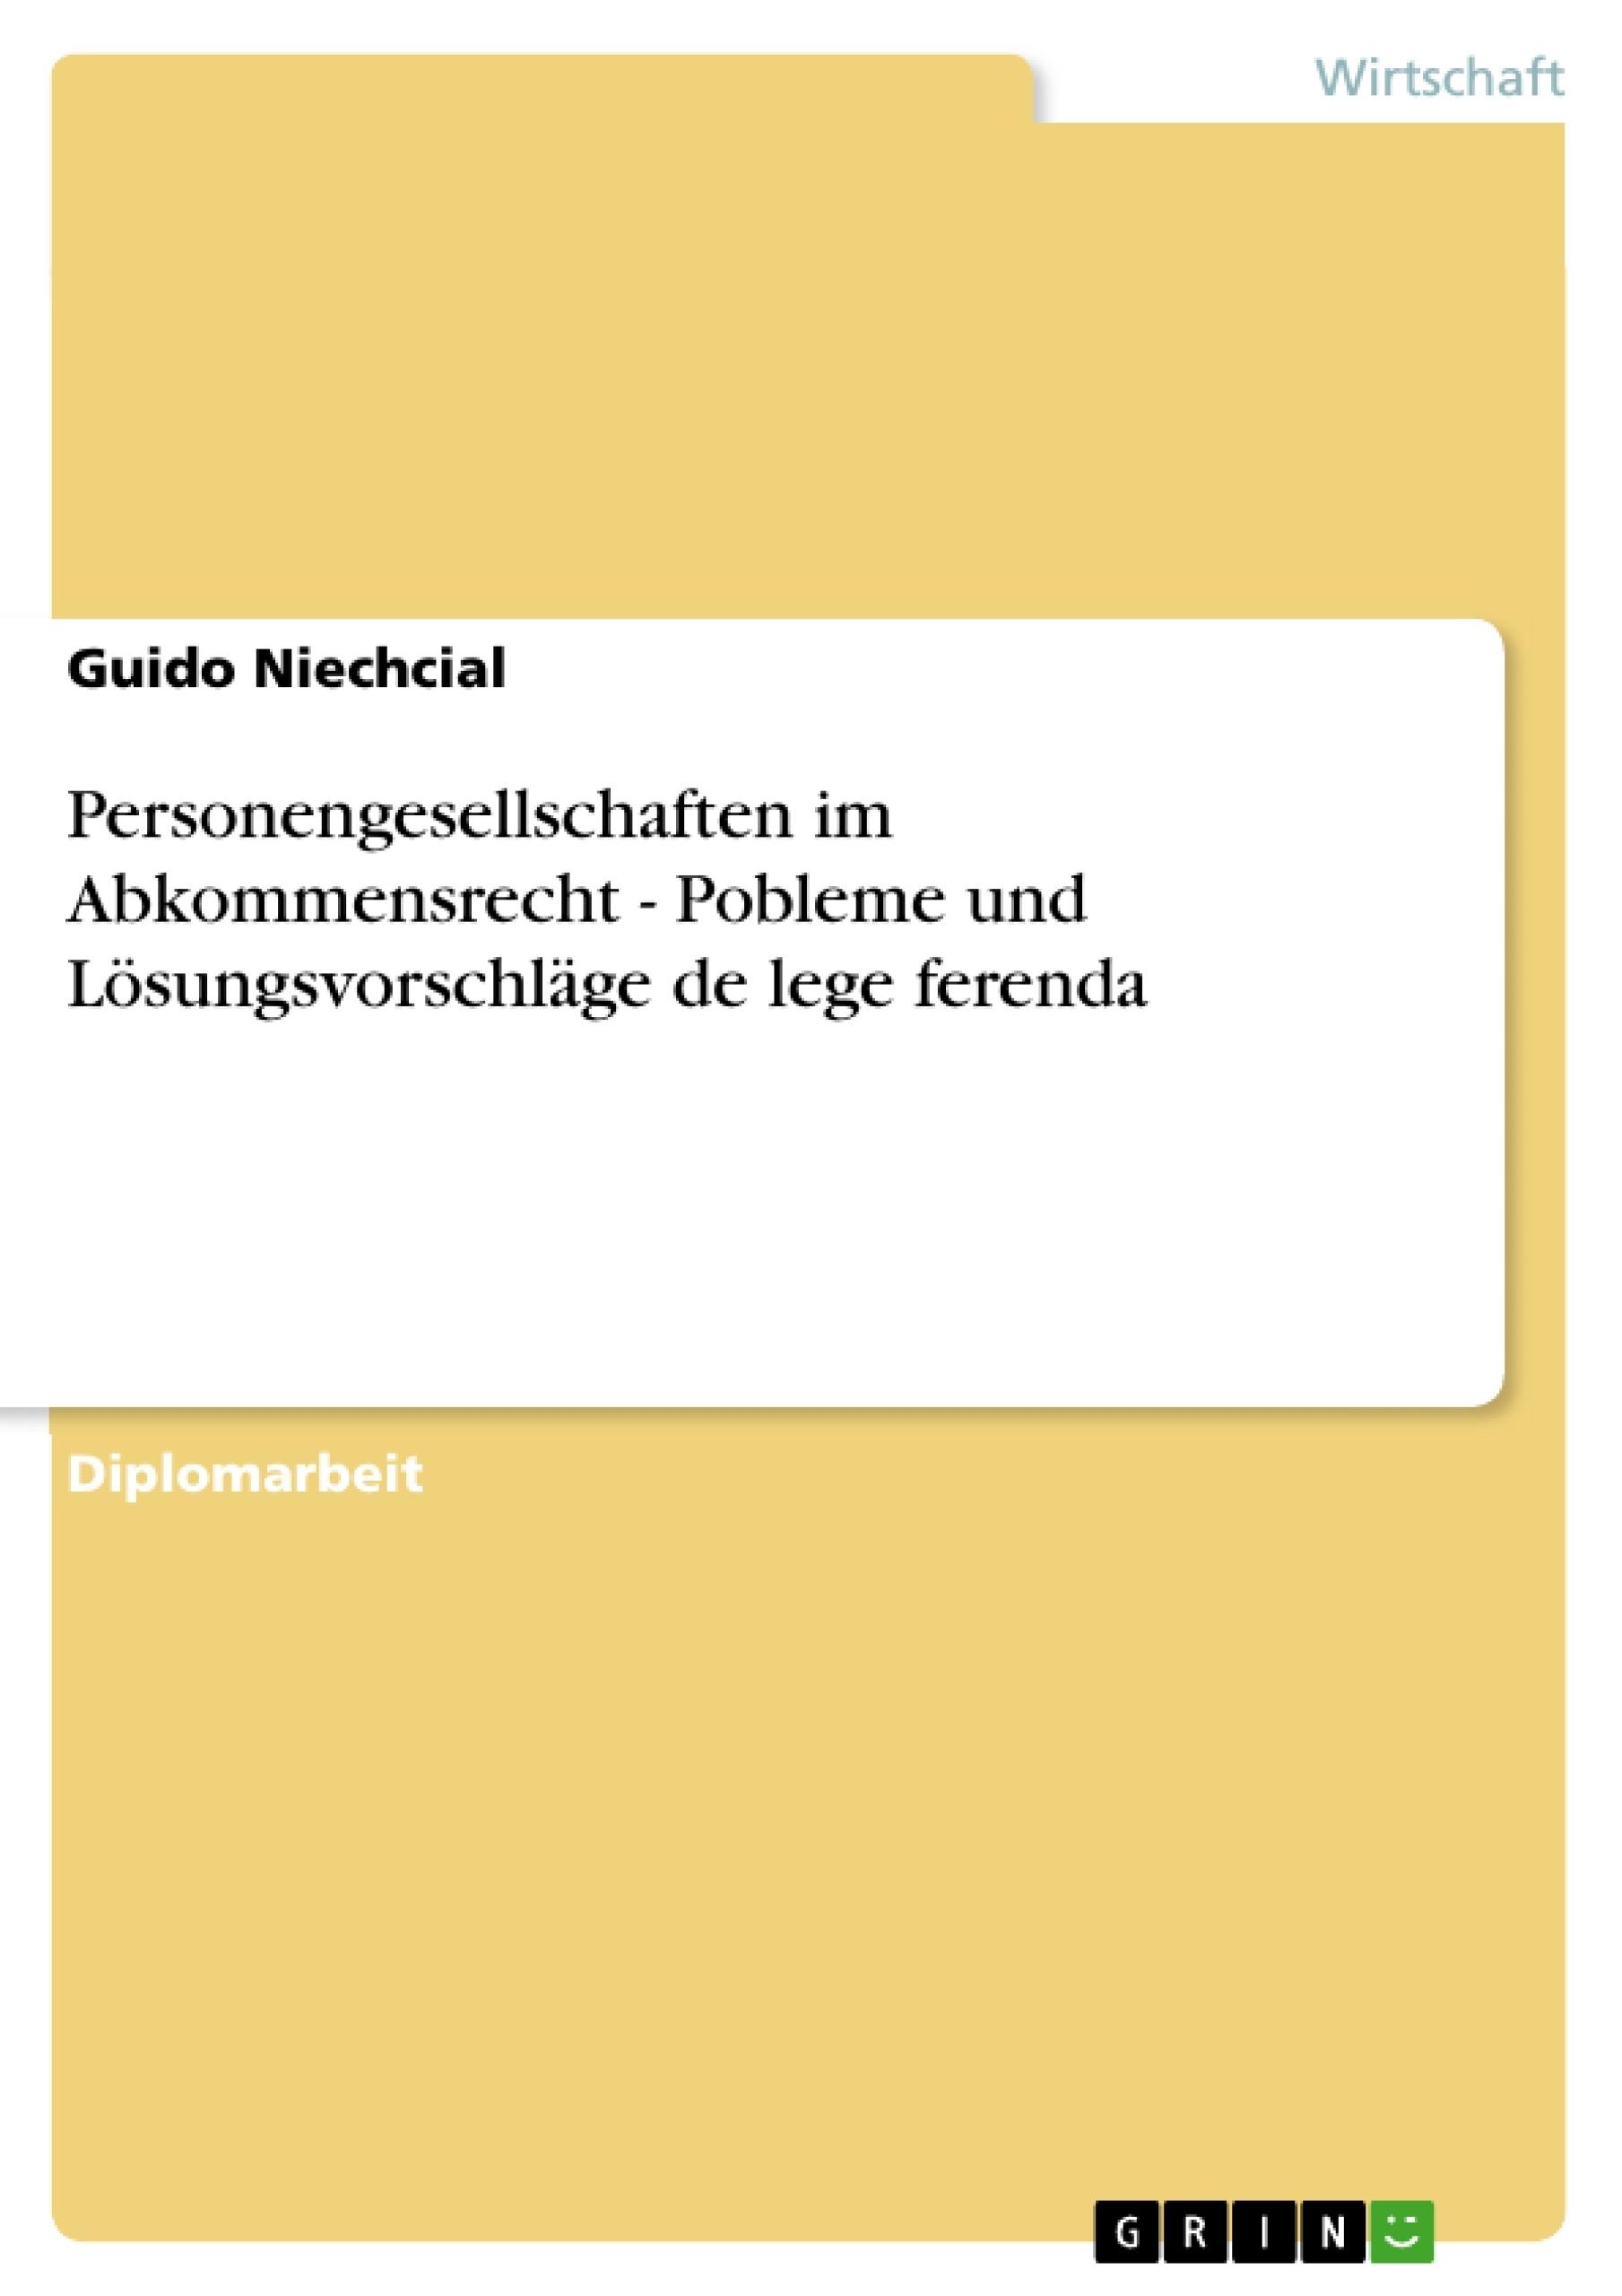 Titel: Personengesellschaften im Abkommensrecht - Pobleme und Lösungsvorschläge de lege ferenda